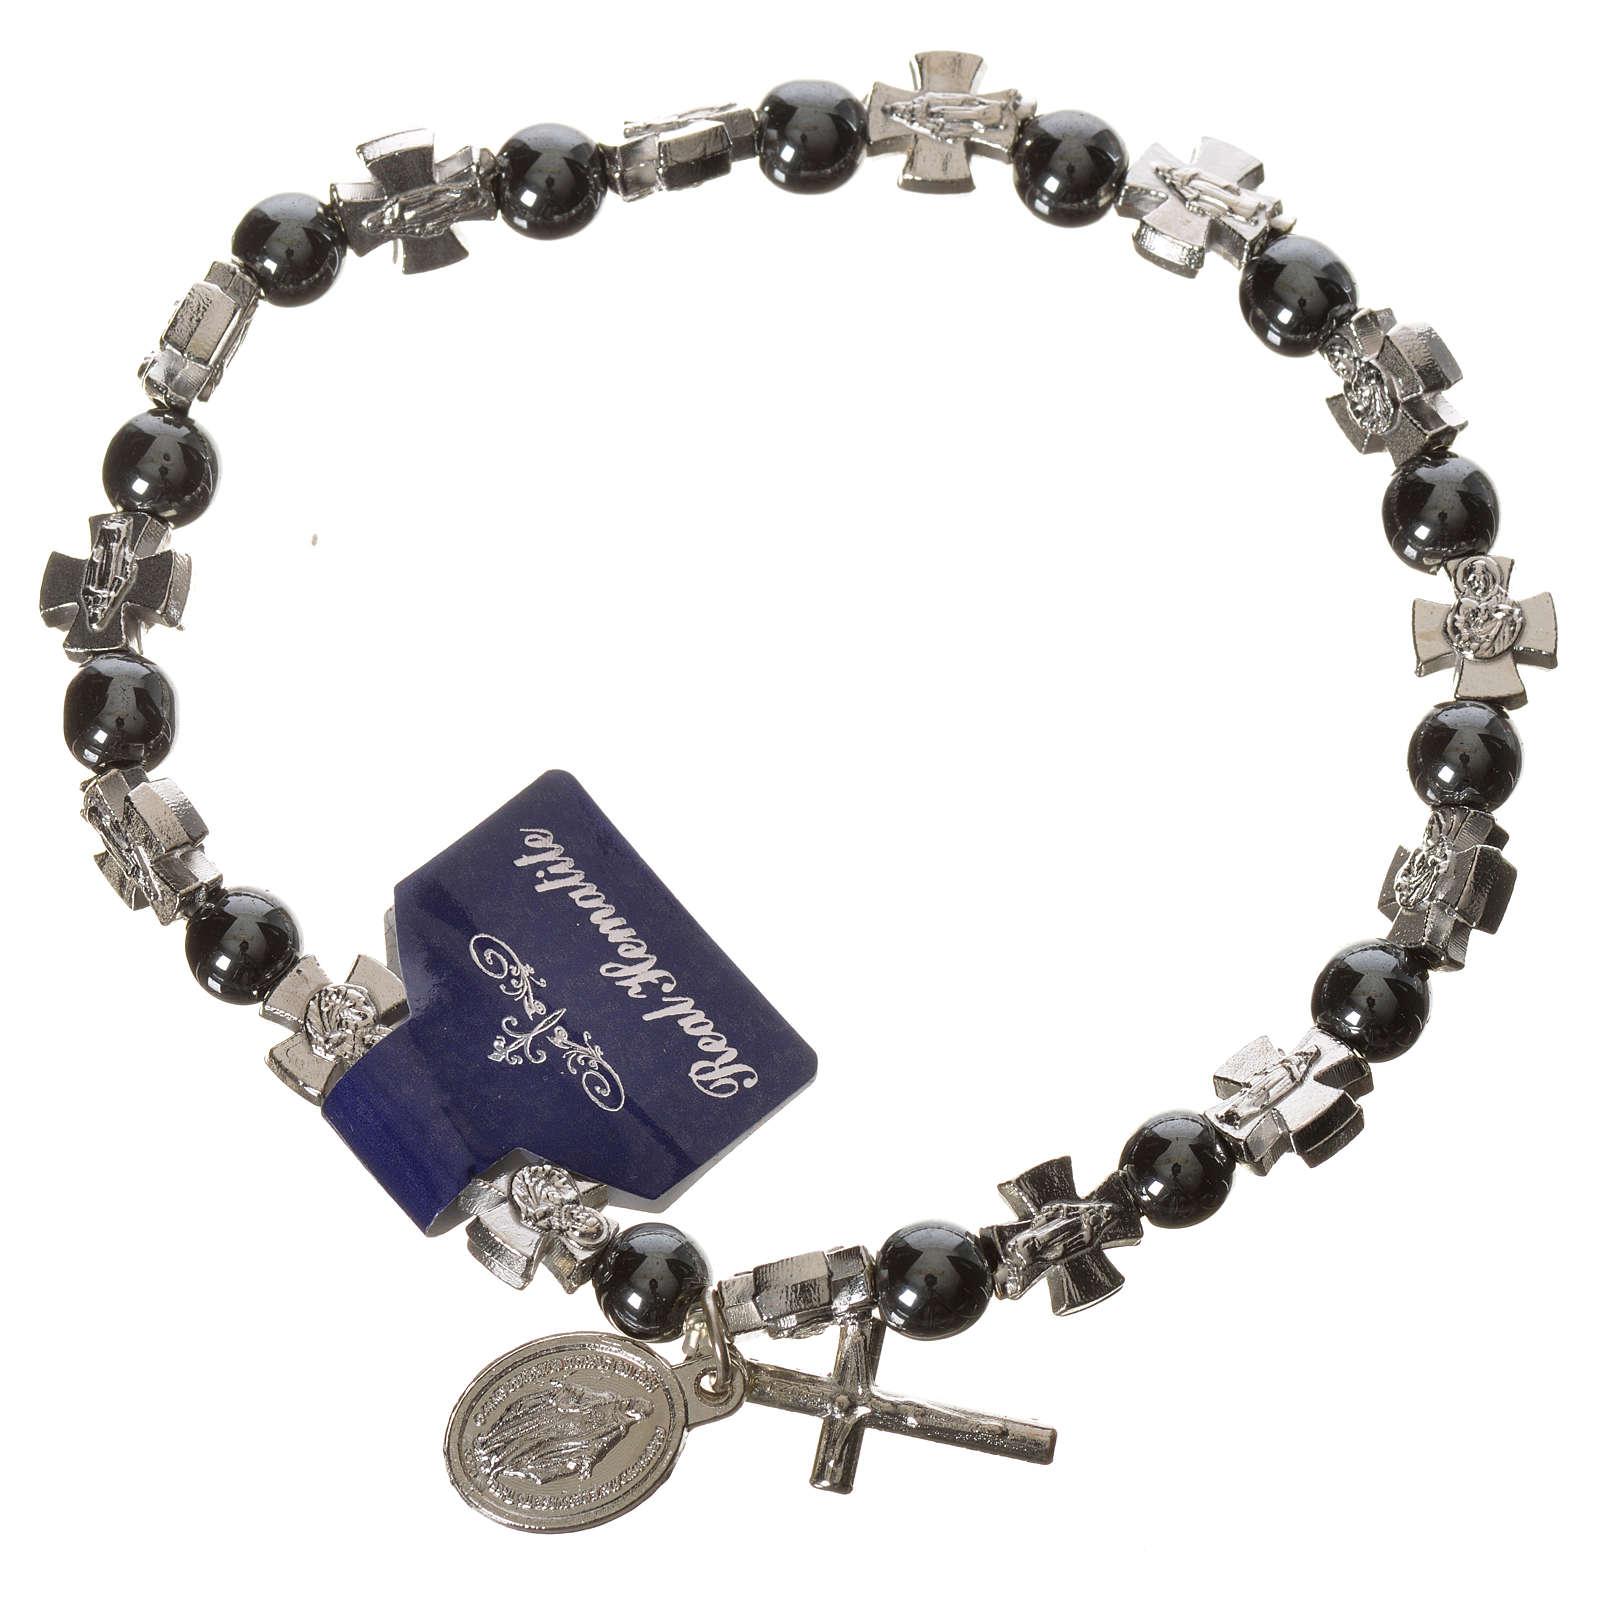 Elastic bracelet with hematite beads 4